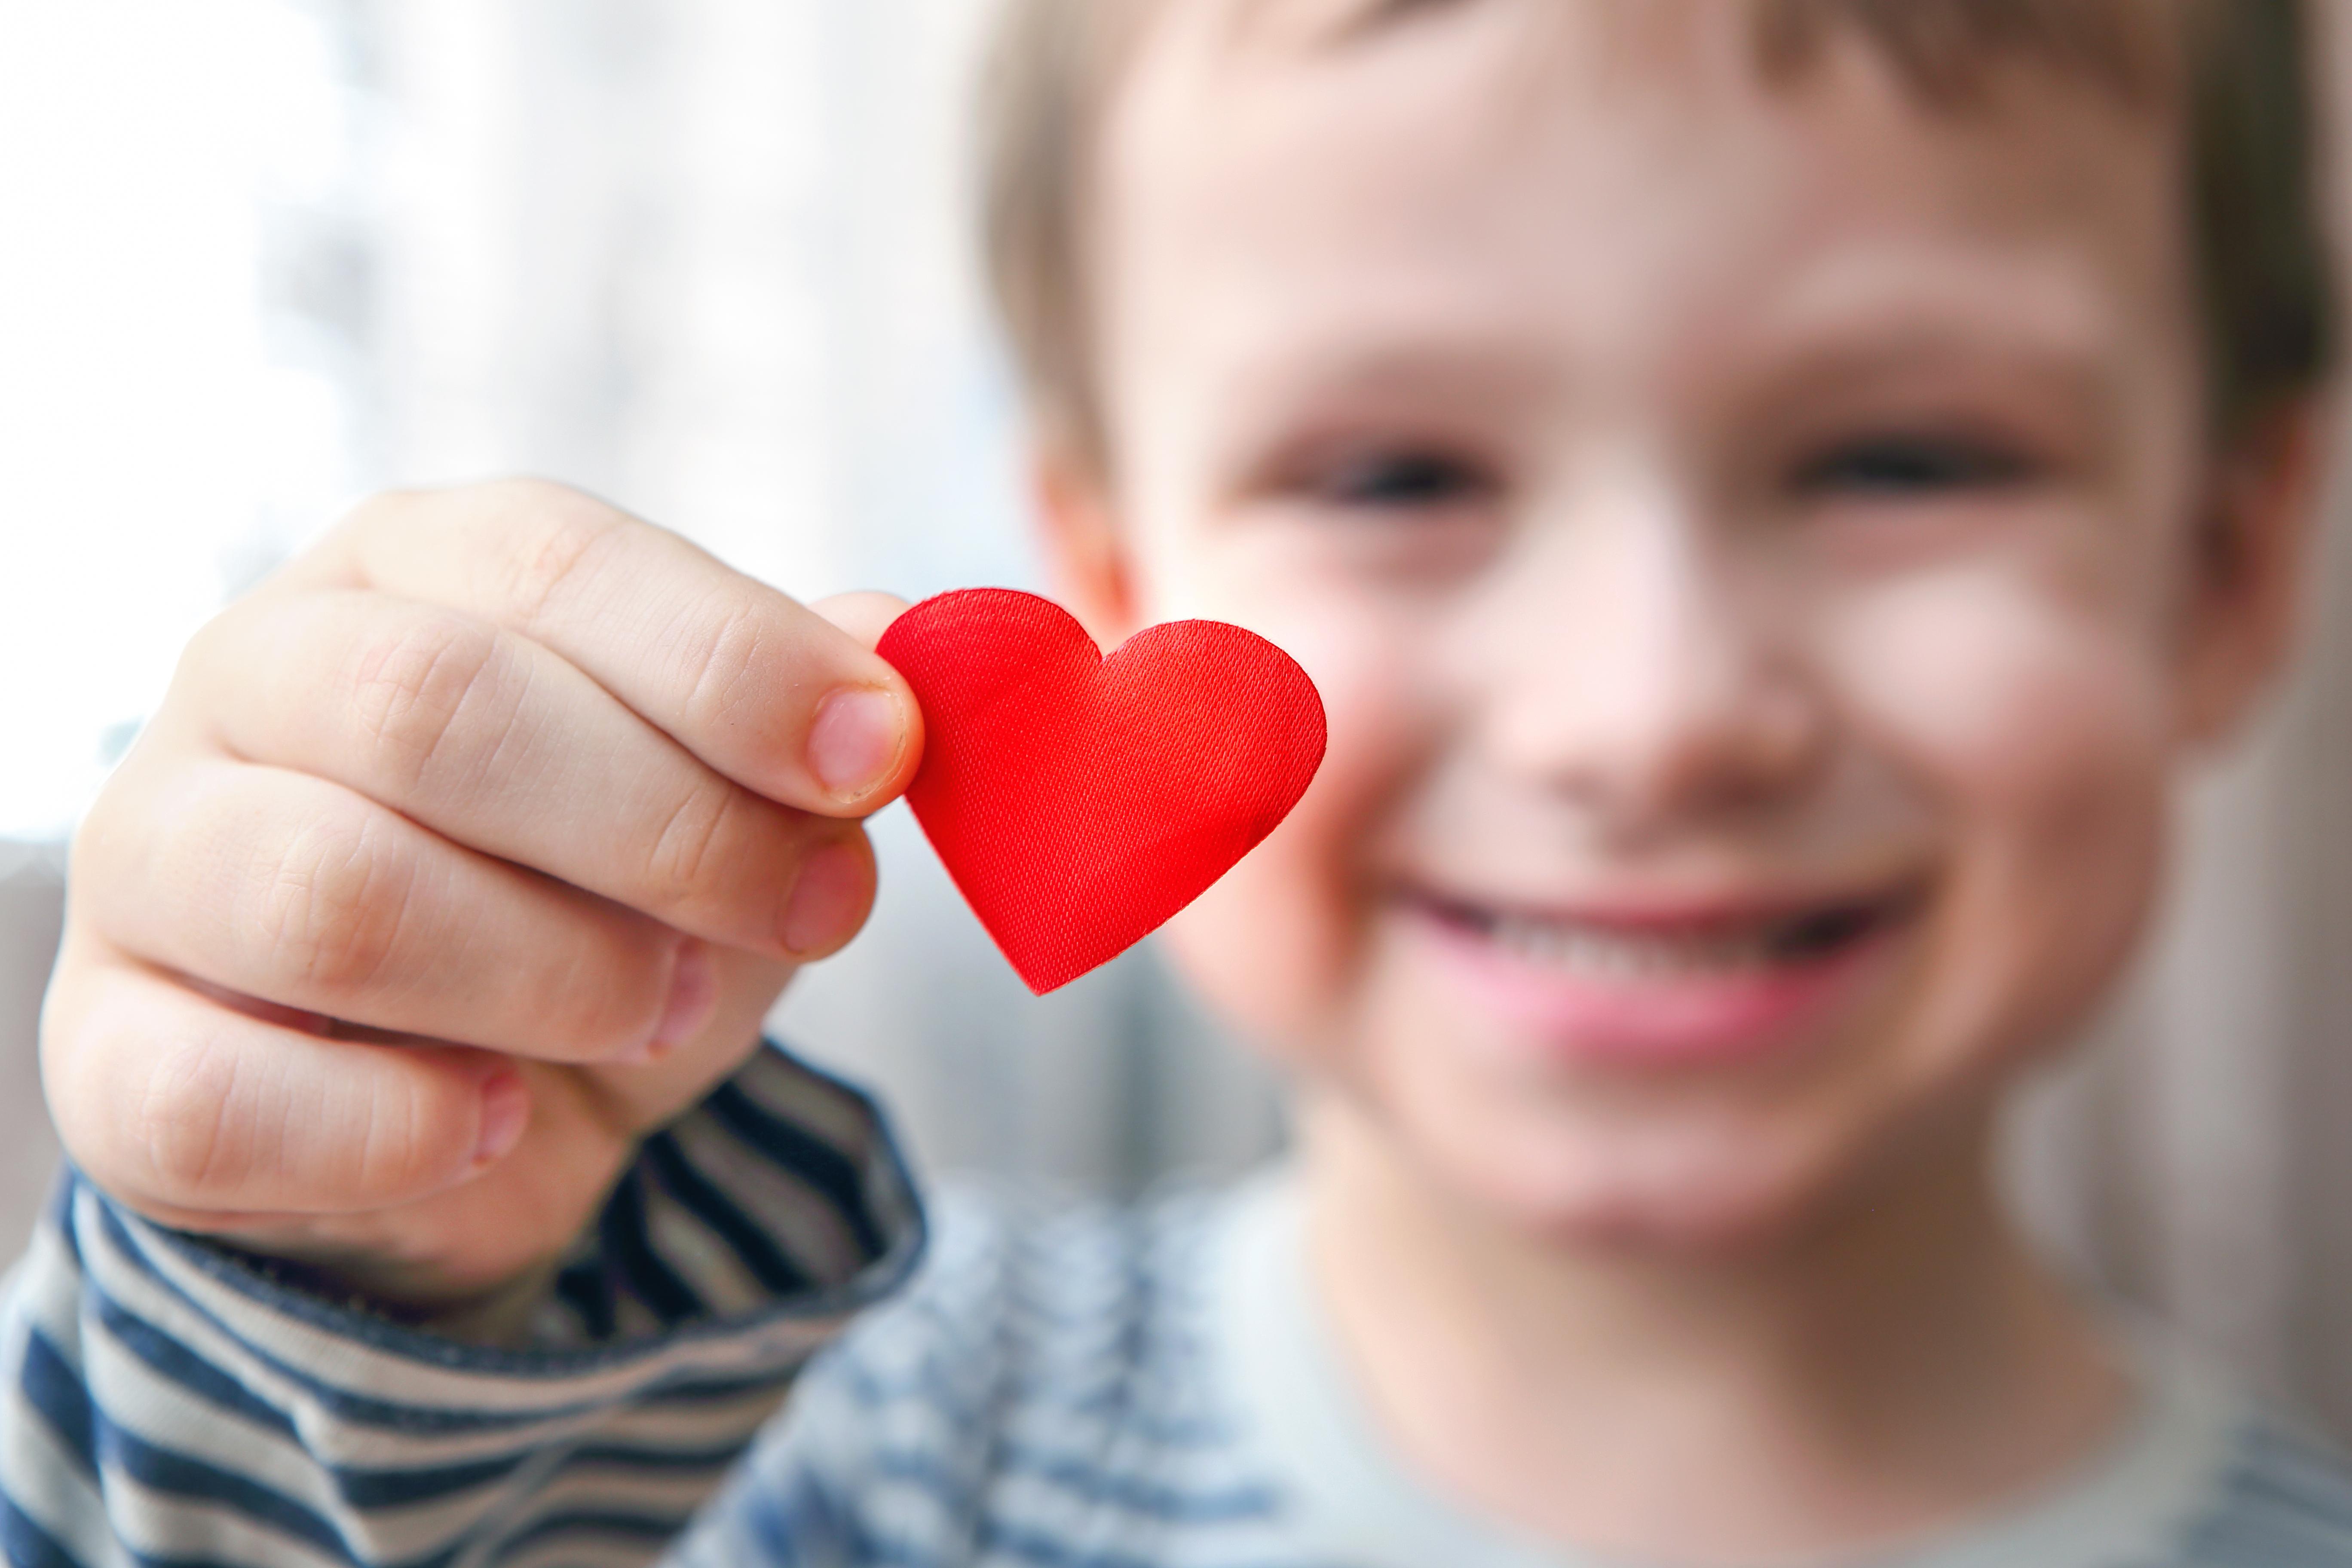 De senaste 50 åren har överlevnaden bland barn med medfödda hjärtfel stigit från 60 procent till 95 procent, tack vare framgångsrik forskning.